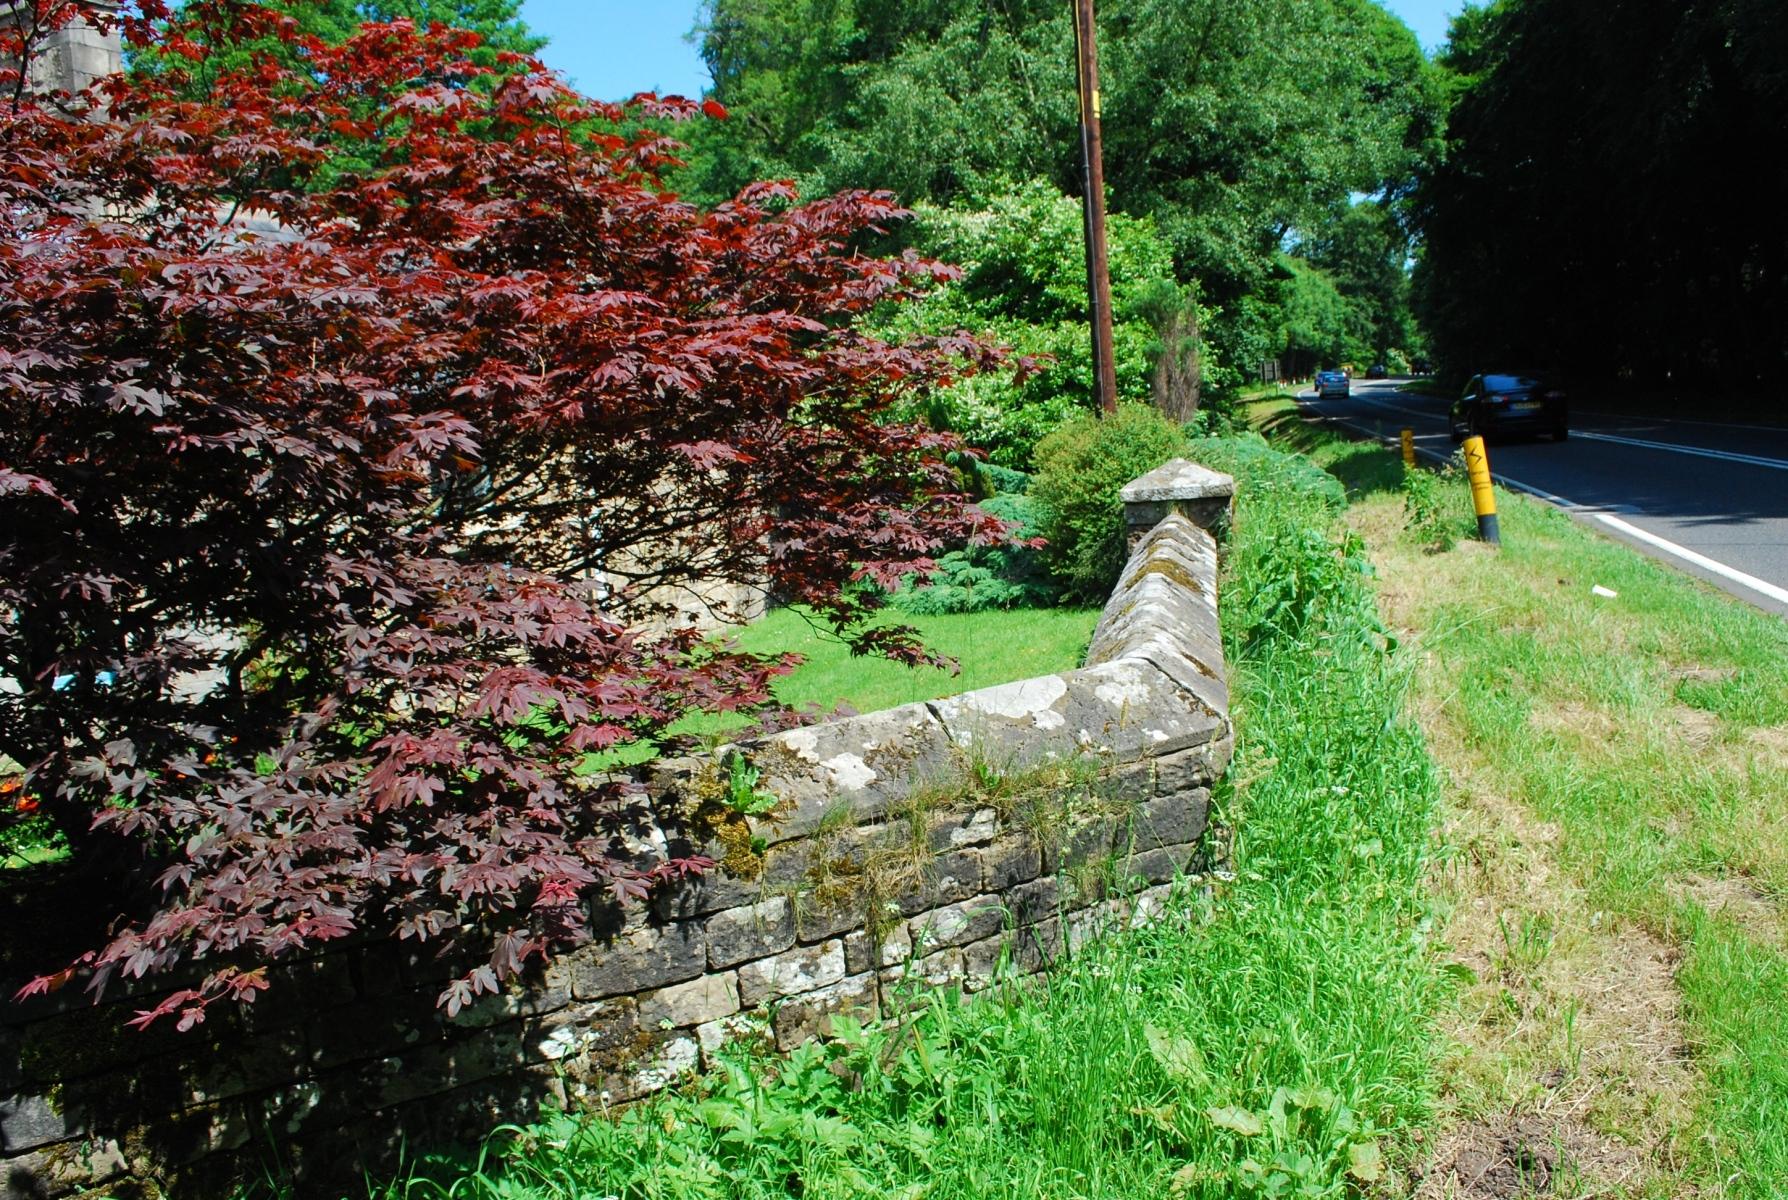 Schottische Mauern - ein typisches Bauwerk